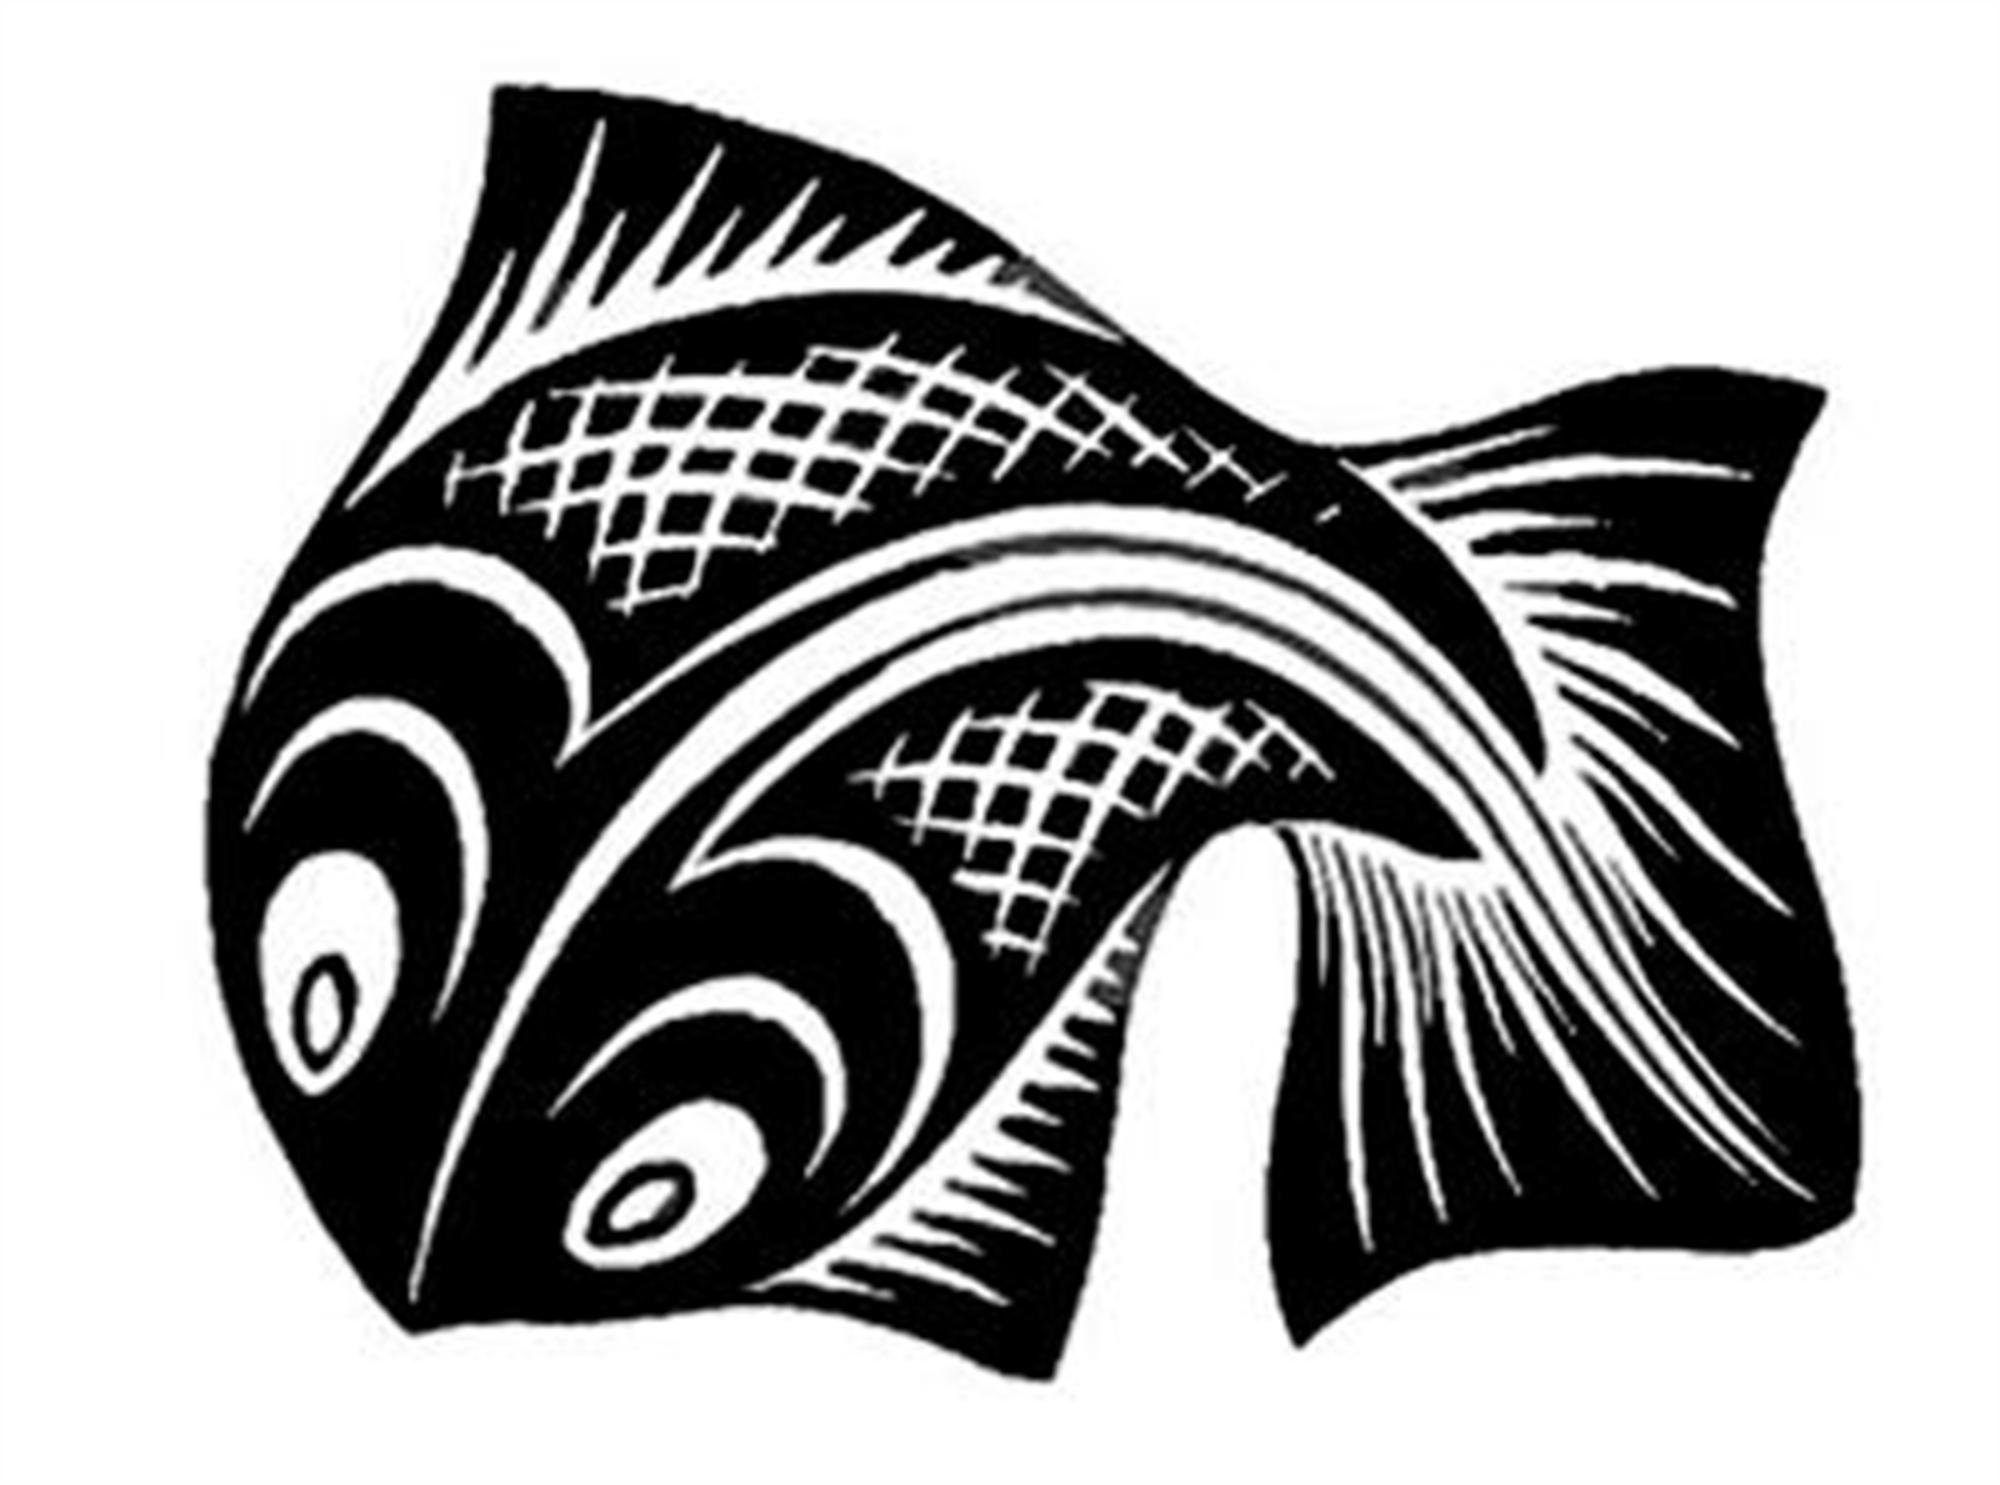 Fish by M.C. Escher